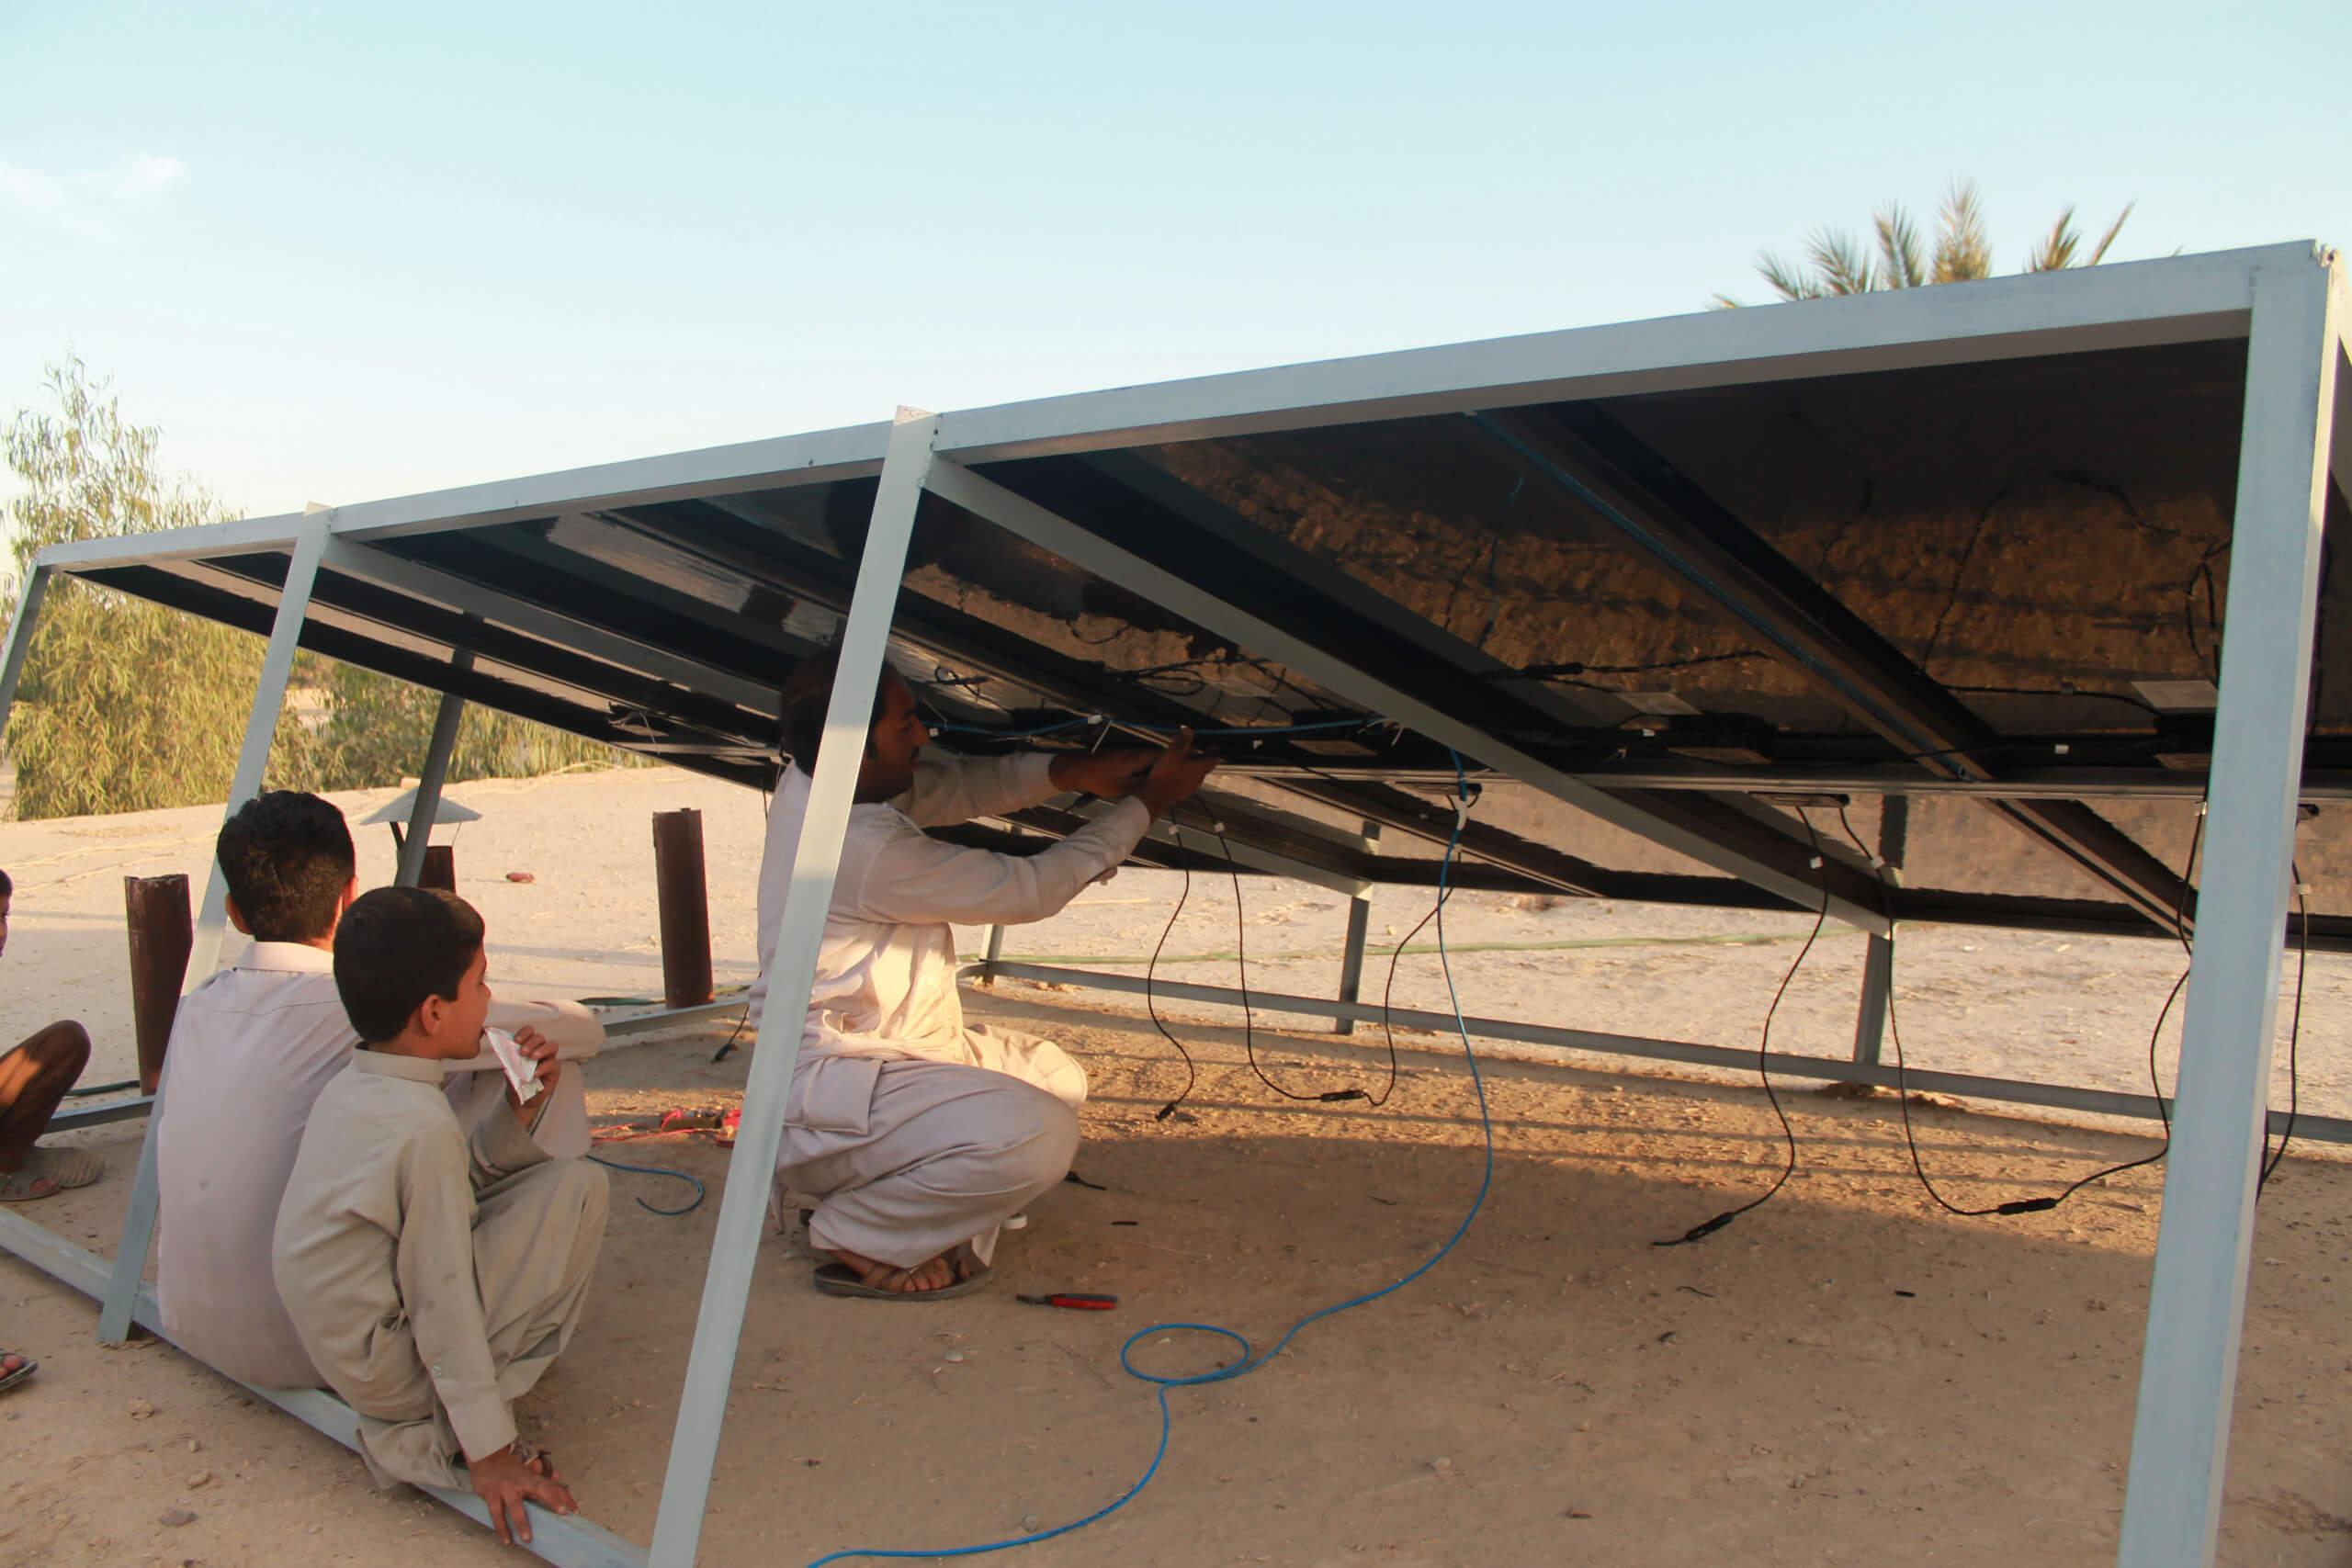 Afganistan päikesepaneelid Foto: MTÜ Mondo / ADVS